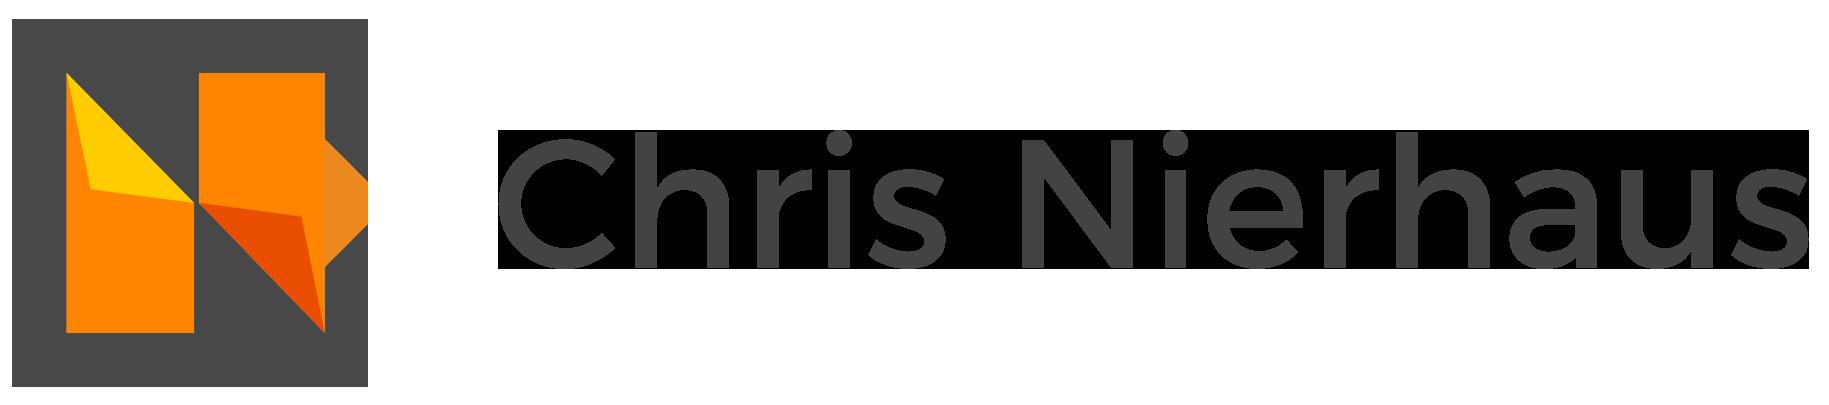 Chris Nierhaus